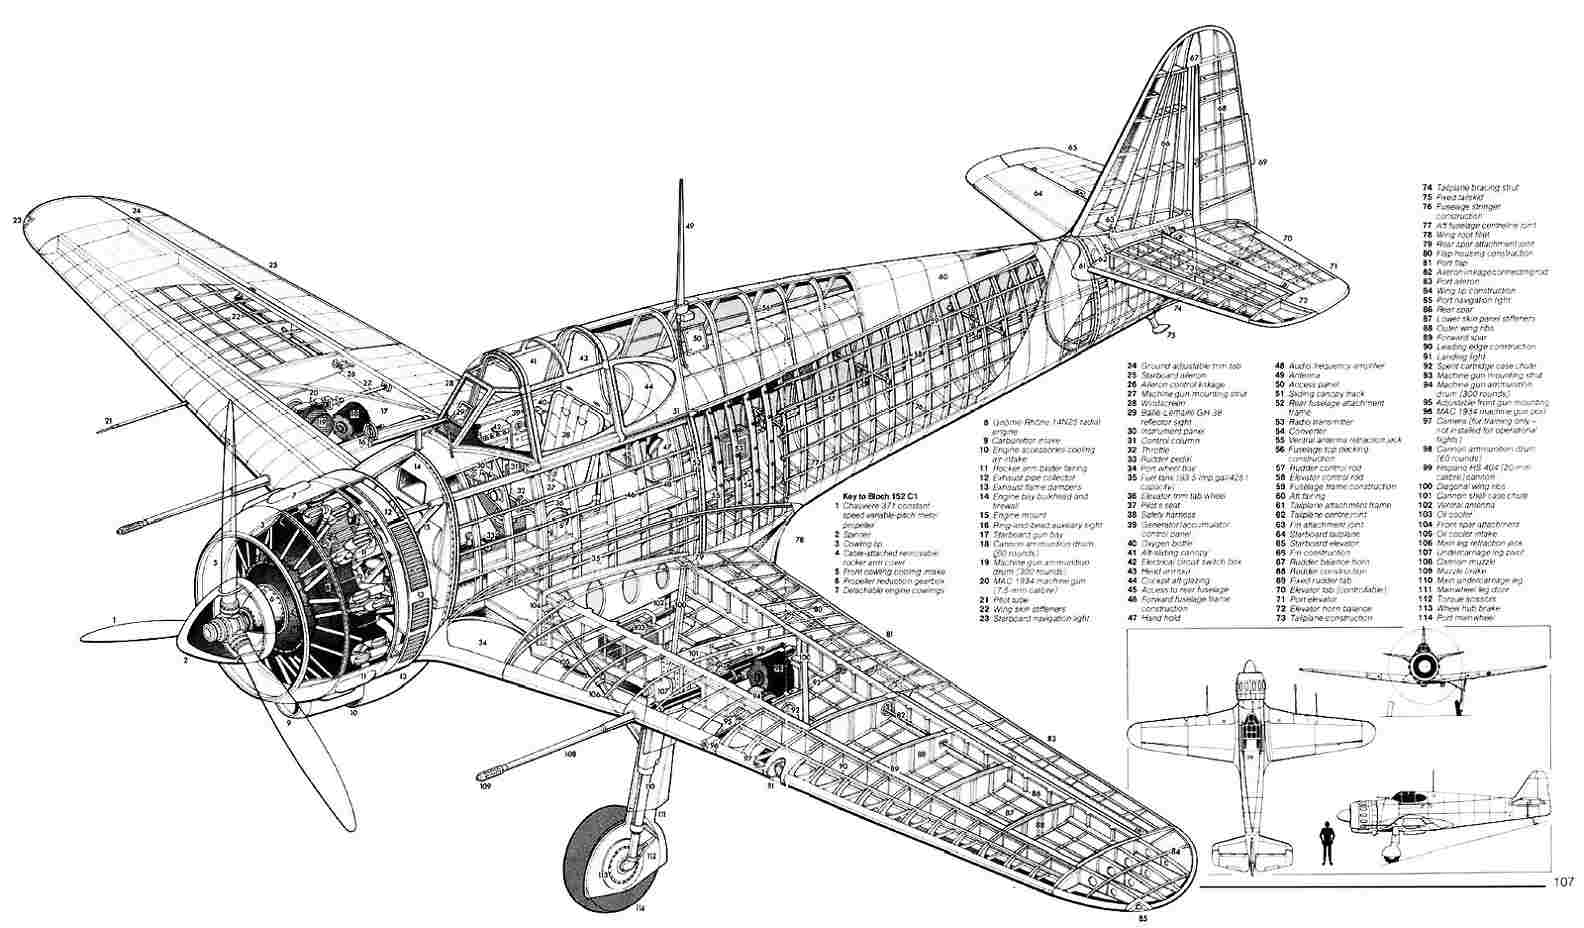 AUSA C 150 H C 150 H X4 C150H C150HX4 FORKLIFT PARTS